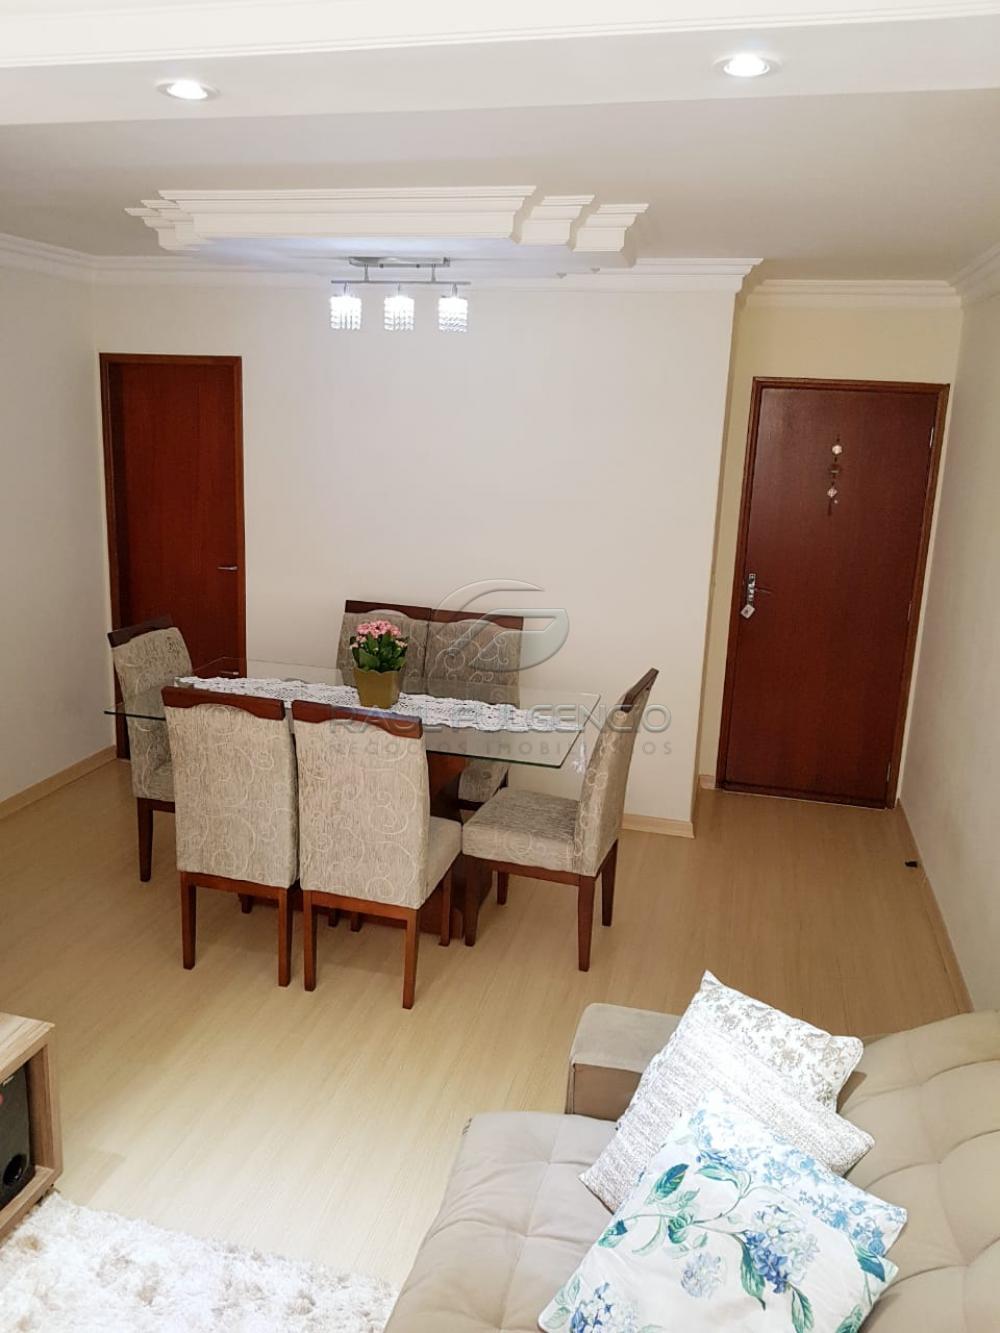 Comprar Apartamento / Padrão em Londrina apenas R$ 285.000,00 - Foto 1